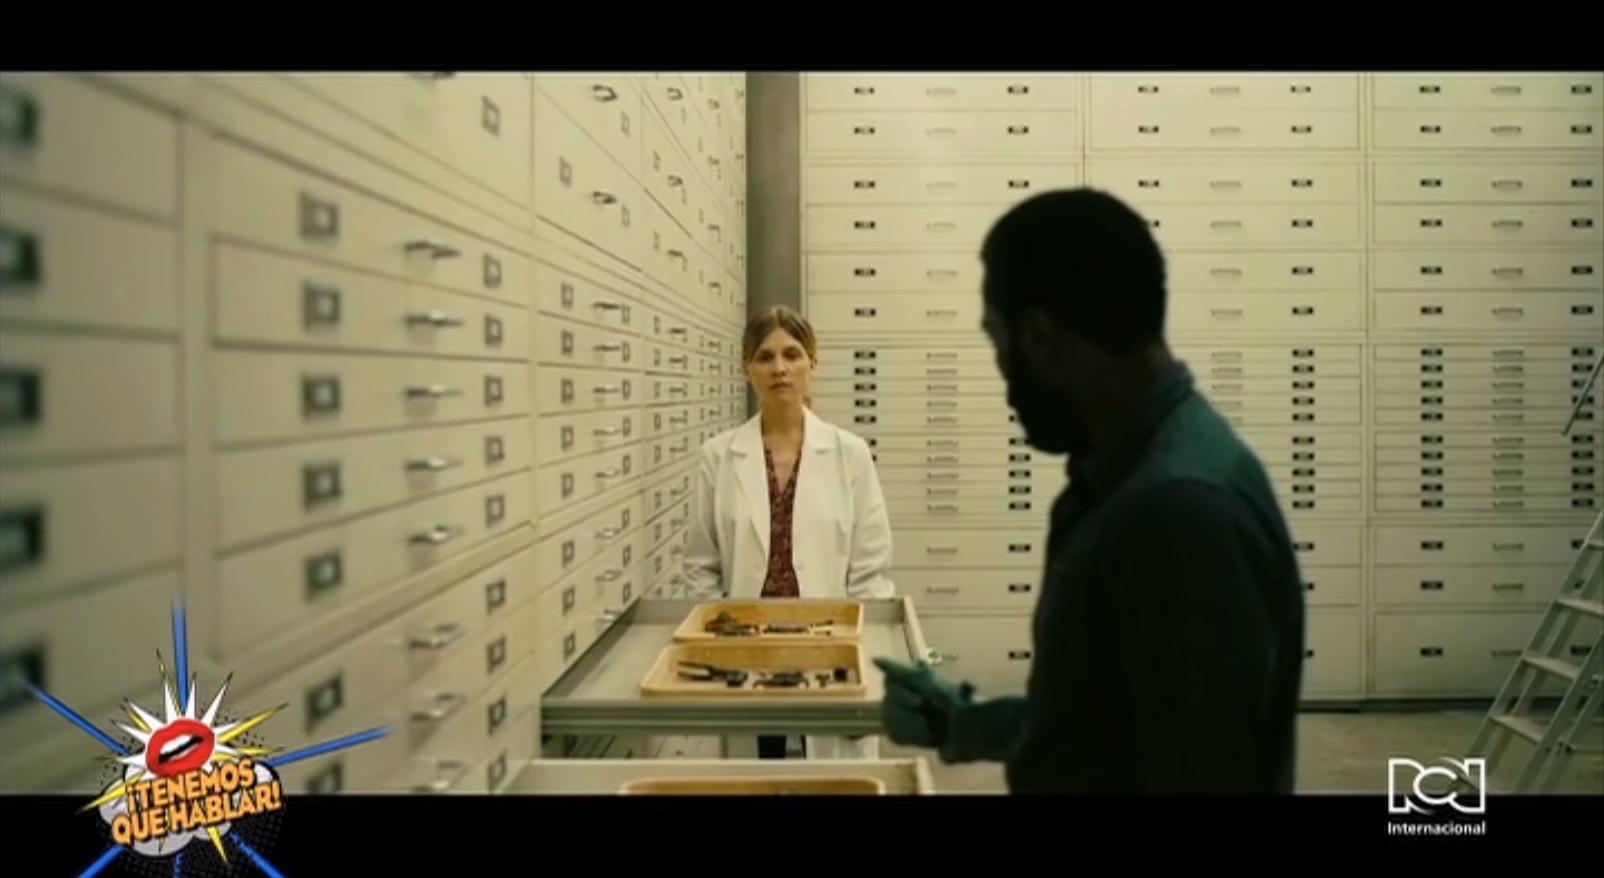 """Película """"Tenet"""" estará disponible en salas desde este 3 de septiembre gracias a Warner Bros Pictures"""